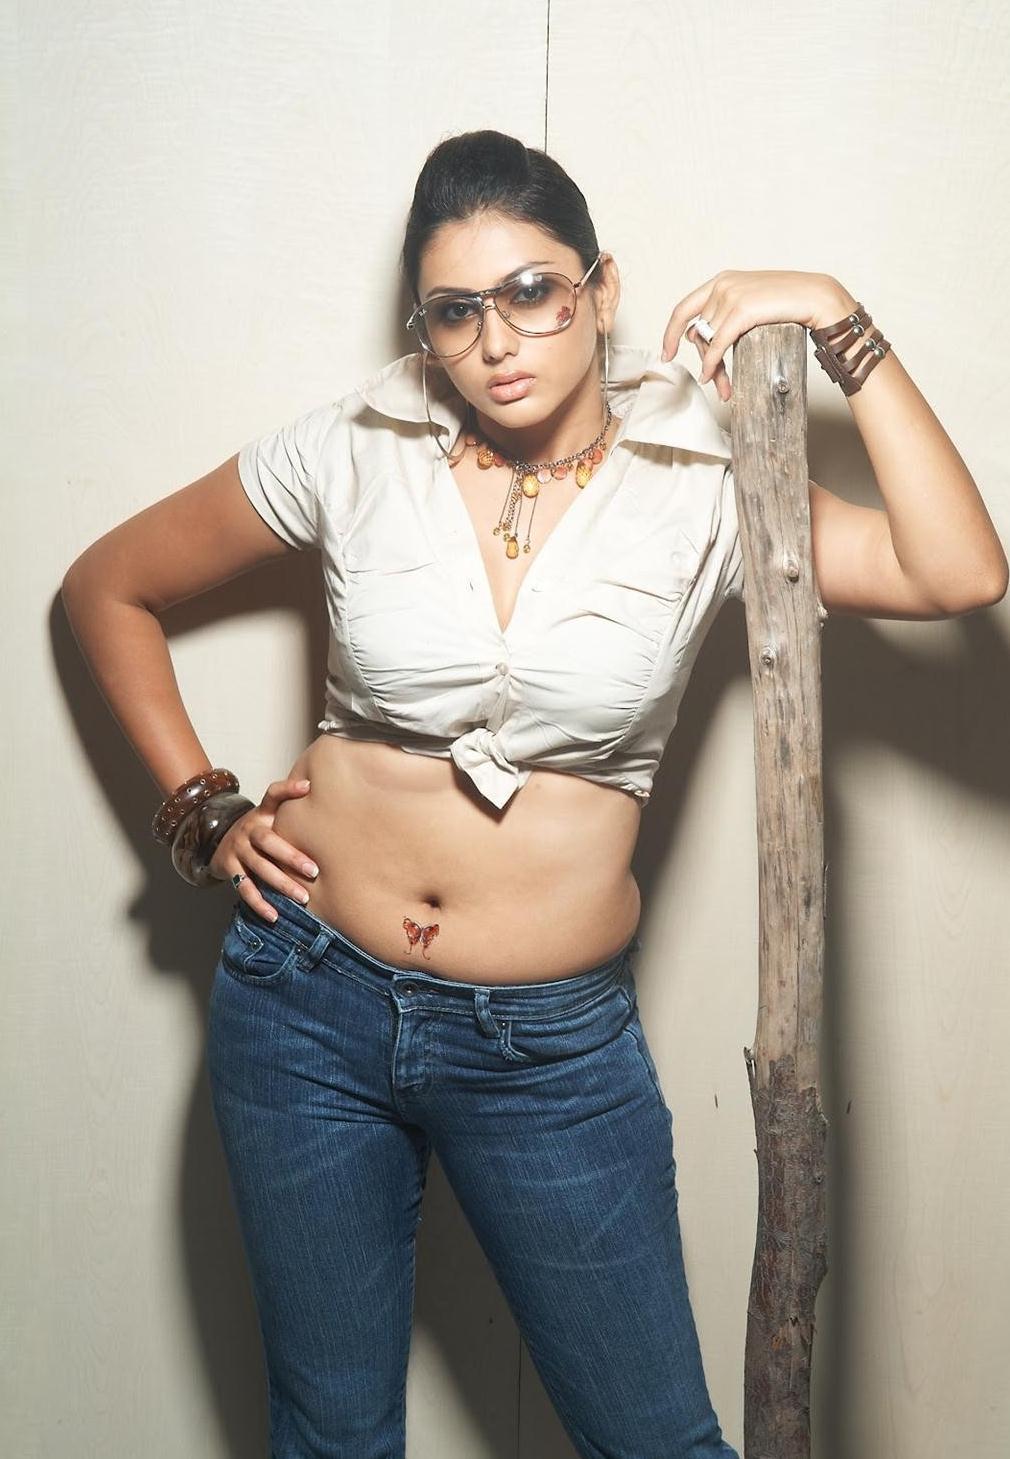 latest actress nude photos